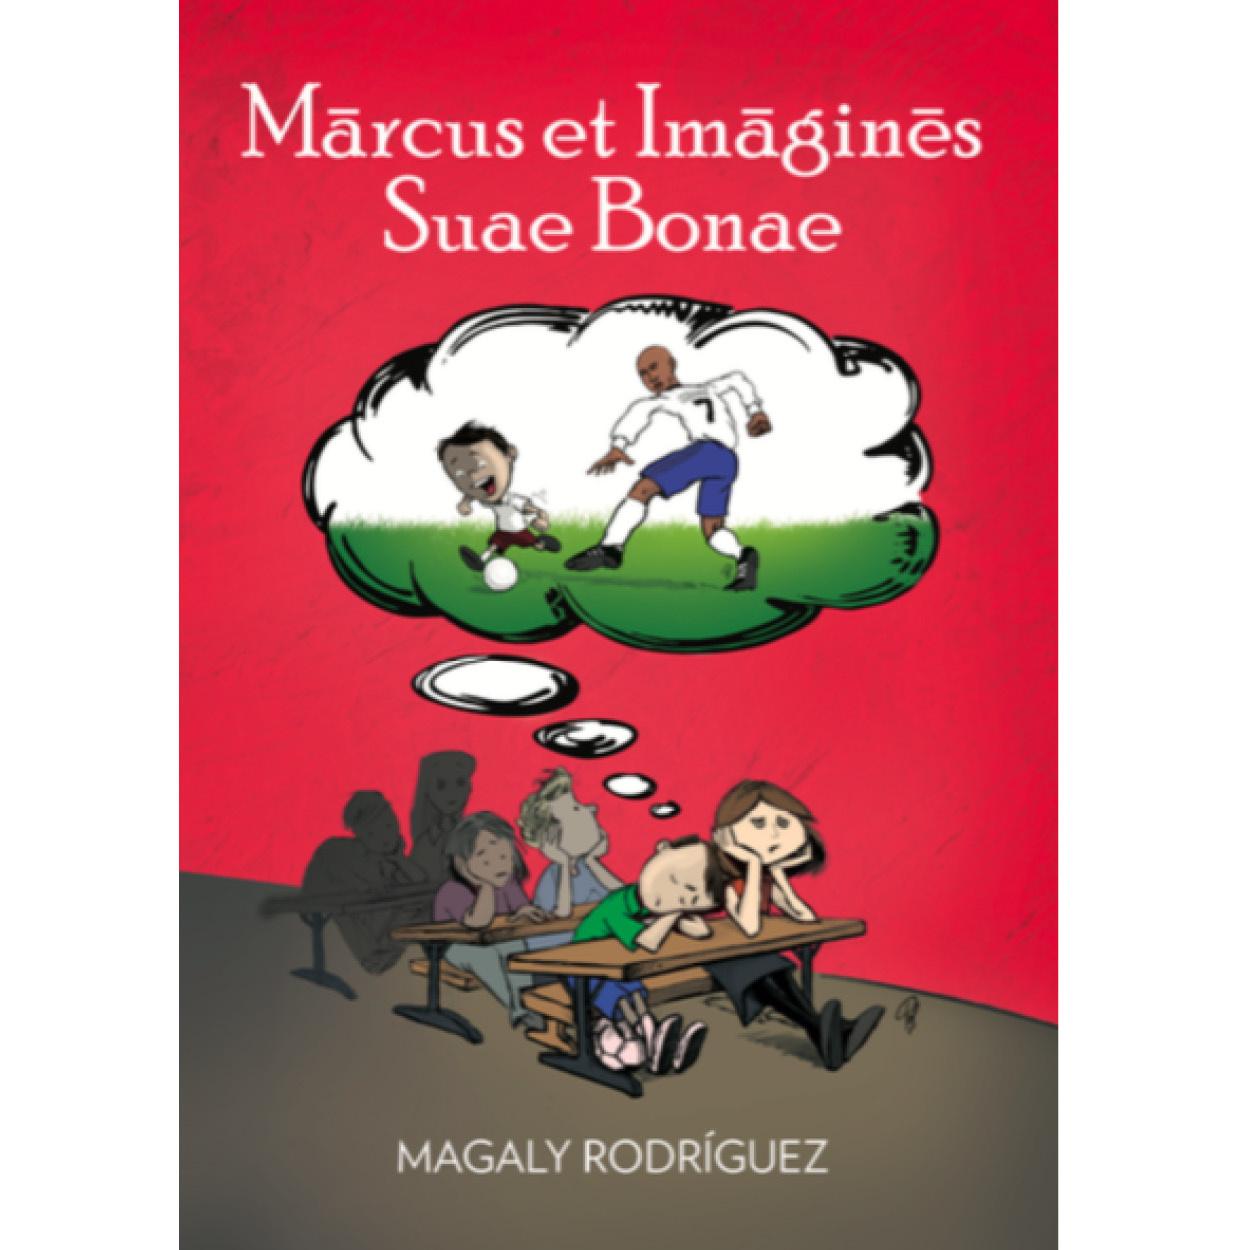 Marcus Et Imagines Suae Bonae